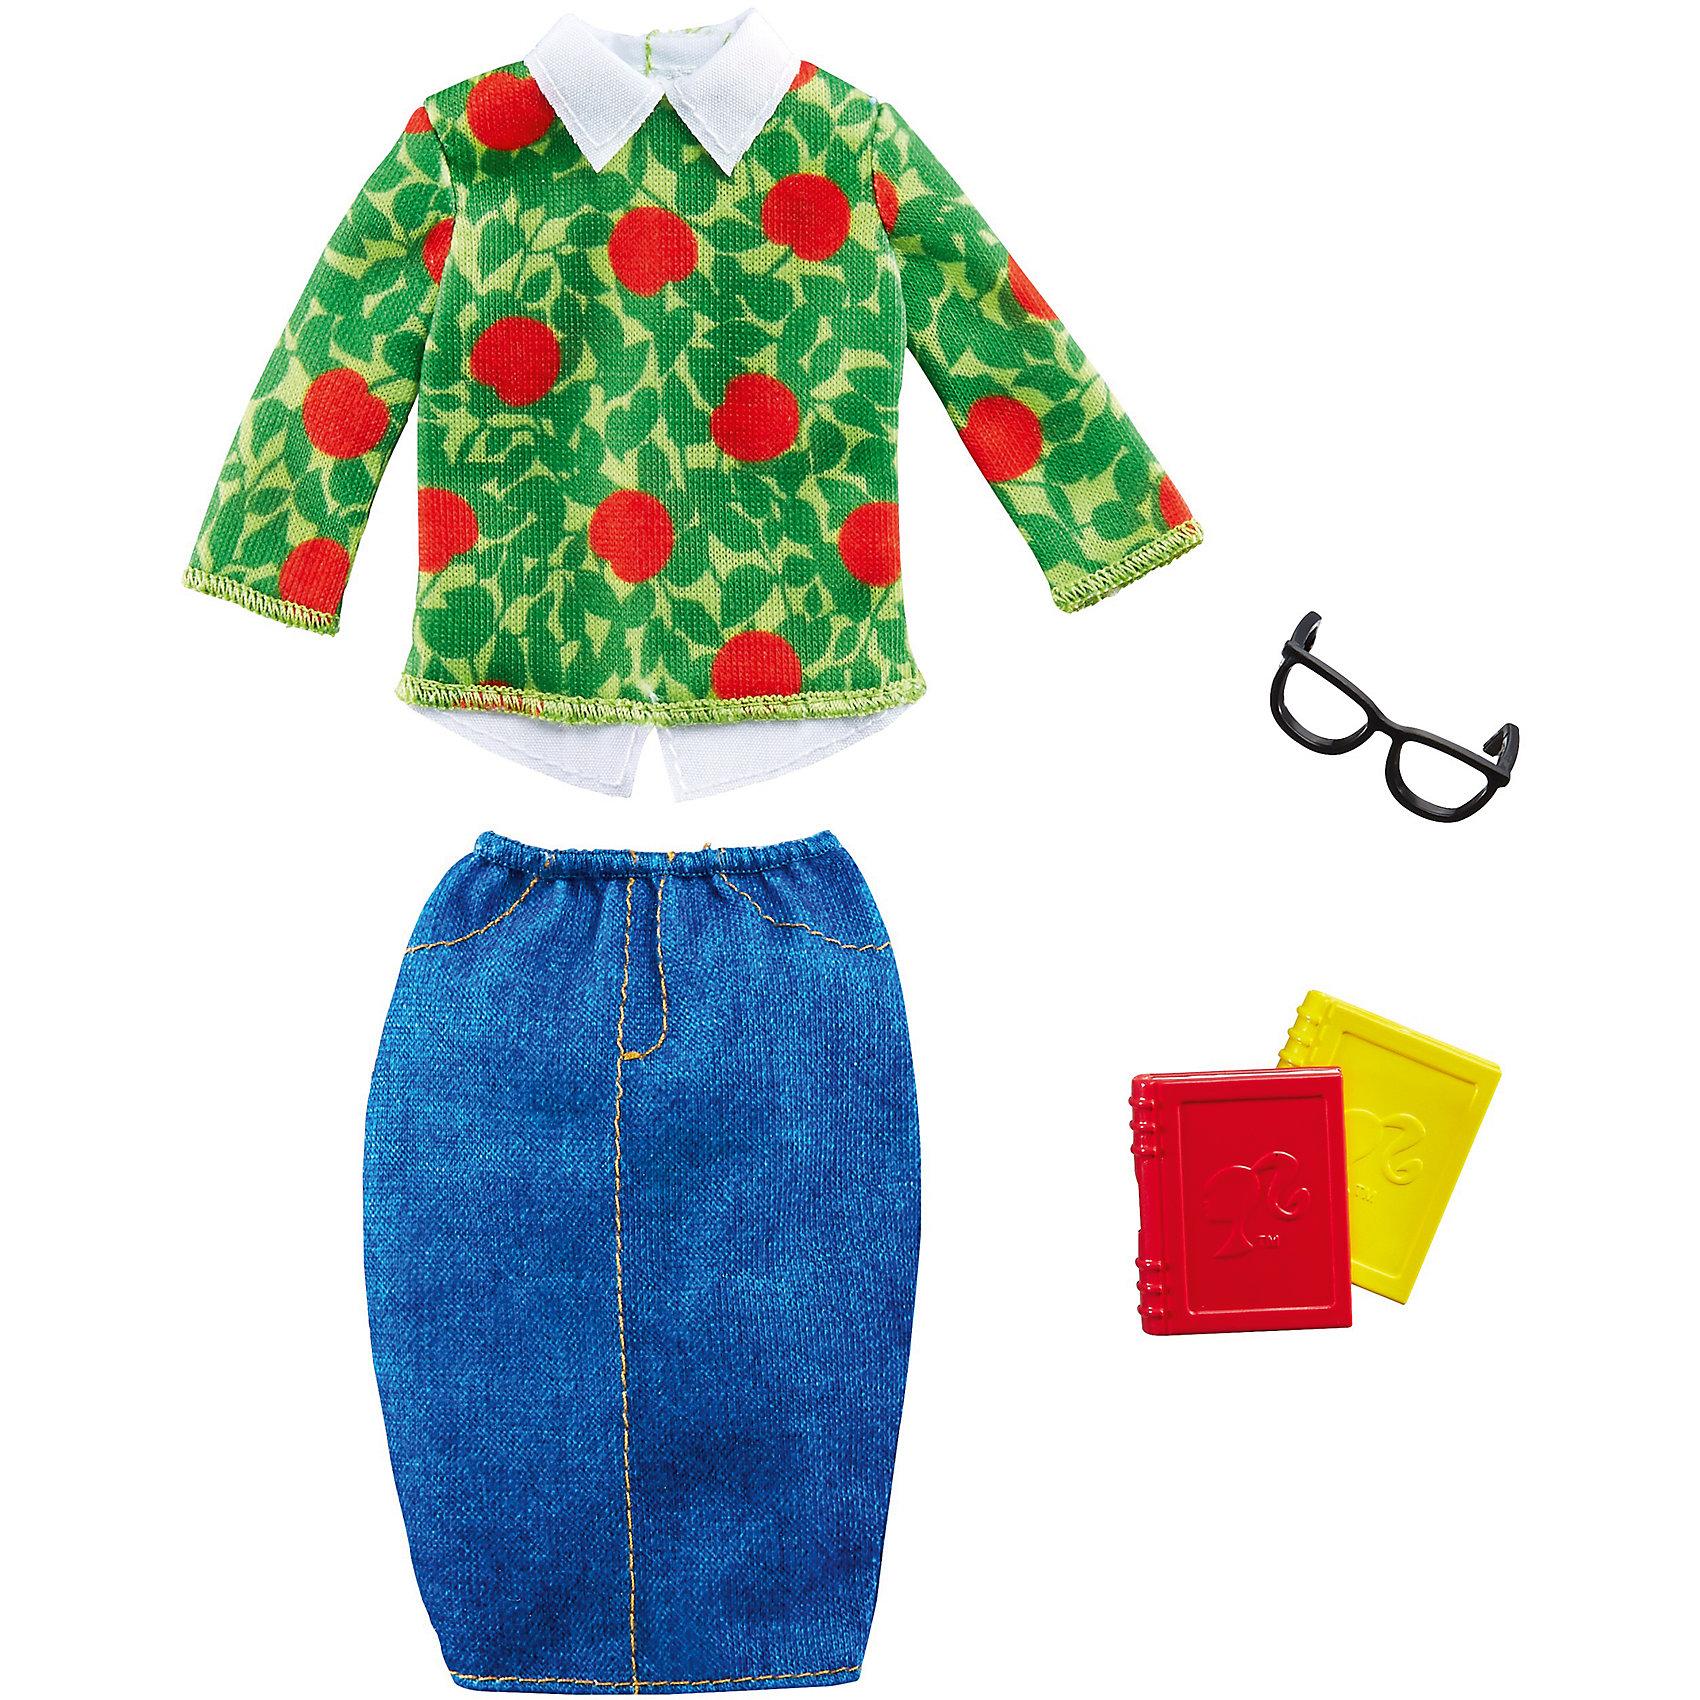 Наряд для Барби Профессии. Учитель, BarbieКукольная одежда и аксессуары<br>Характеристики товара:<br><br>• возраст от 3 лет;<br>• материал: пластик, текстиль;<br>• в комплекте: наряд, аксессуары;<br>• размер упаковки 25,5х11,5х1,5 см;<br>• вес упаковки 89 гр.;<br>• страна производитель: Китай.<br><br>Наряд для Барби «Профессии. Учитель» Barbie дополнит гардероб любимой куколки Барби. Он создаст ей образ учительницы. Наряд состоит из джинсовой юбки и кофты с цветочным принтом и дополнен очками, книгой, папкой. Наряд подходит для всех кукол Барби и изготовлен из качественных материалов.<br><br>Наряд для Барби «Профессии. Учитель» Barbie можно приобрести в нашем интернет-магазине.<br><br>Ширина мм: 115<br>Глубина мм: 15<br>Высота мм: 255<br>Вес г: 89<br>Возраст от месяцев: 36<br>Возраст до месяцев: 120<br>Пол: Женский<br>Возраст: Детский<br>SKU: 6673372